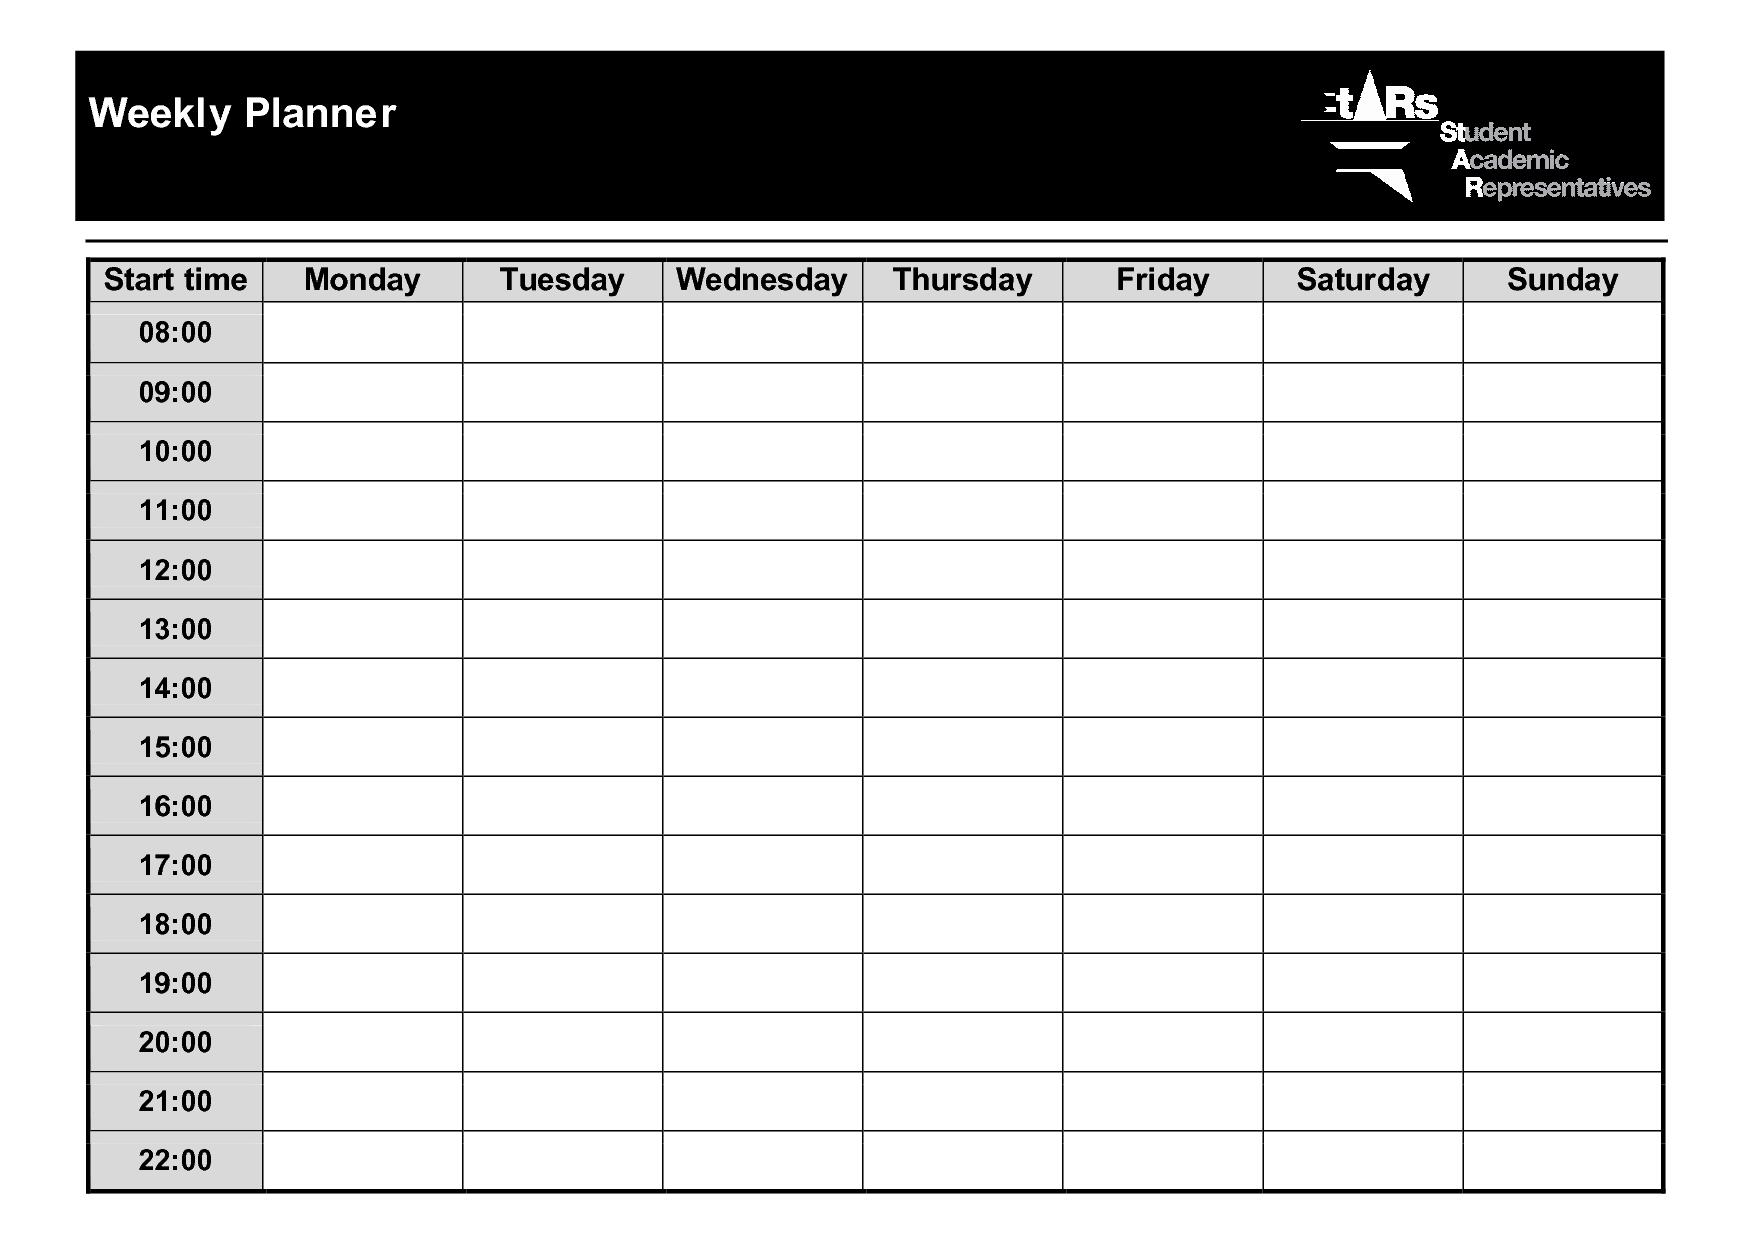 Weekly+Planner+Template+PDF | jj | Pinterest | Weekly planner ...